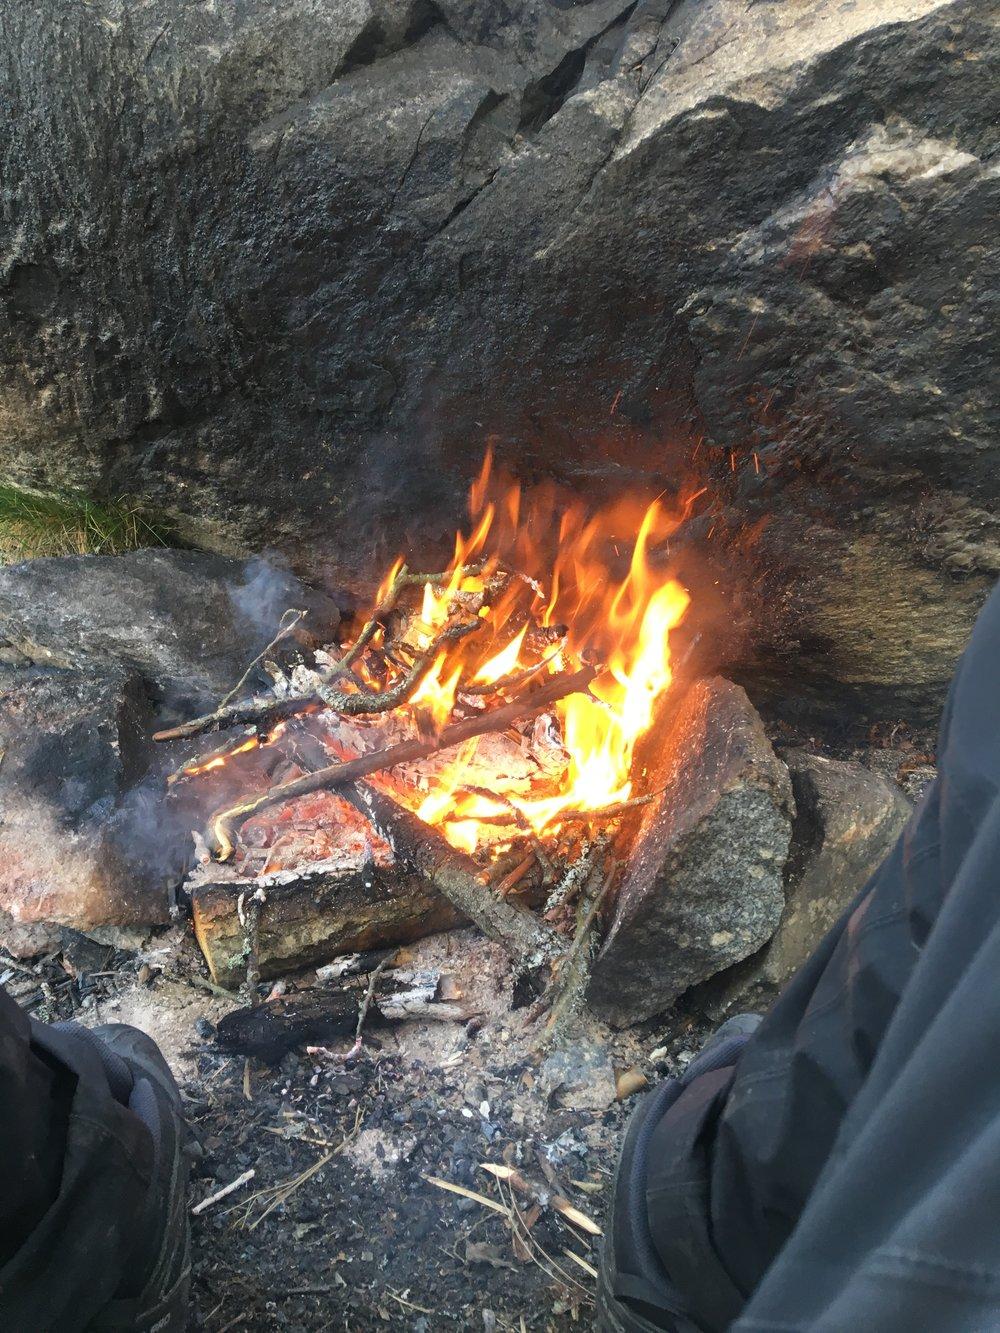 A nice little camp fire